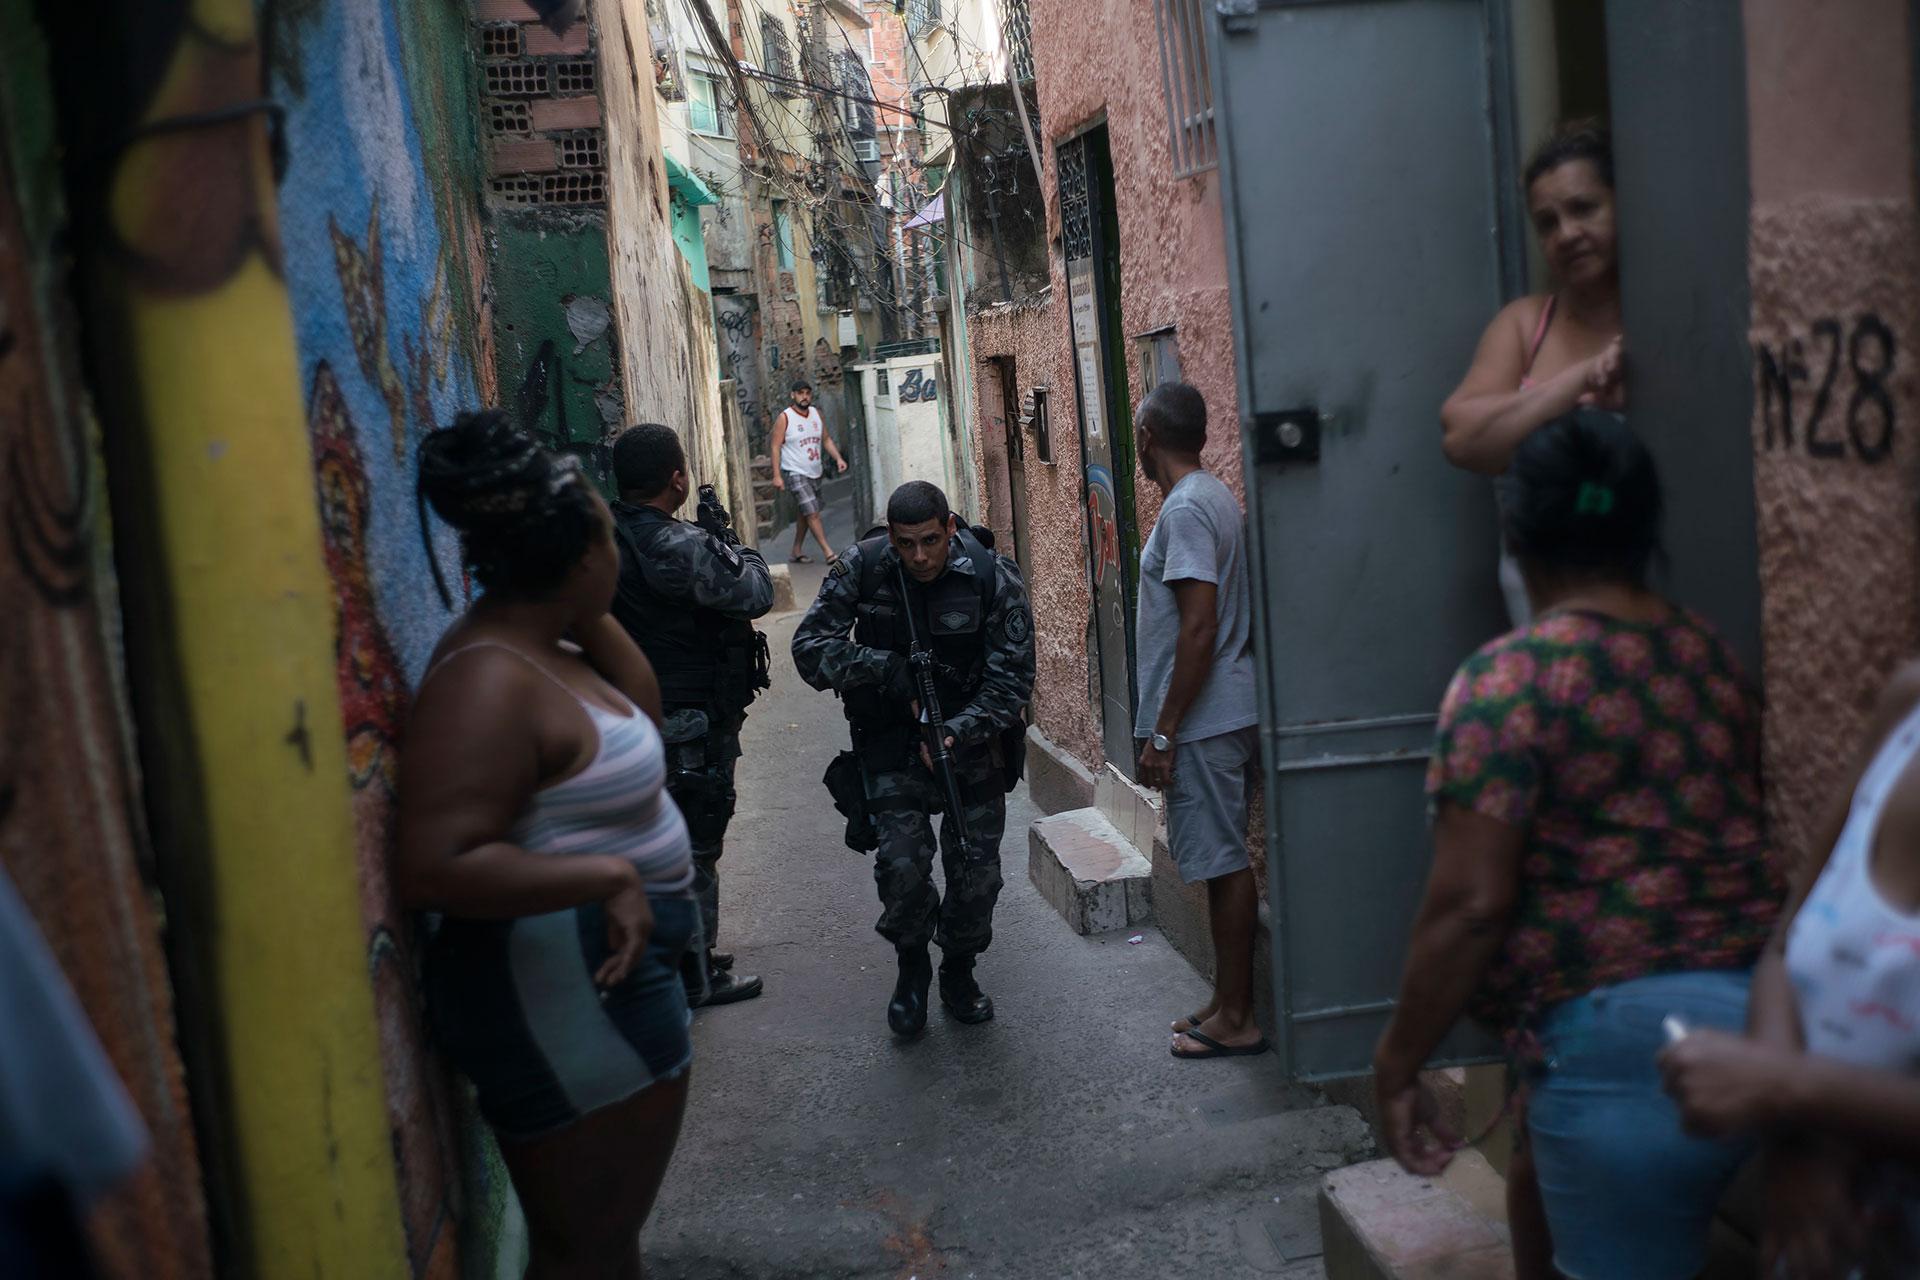 Los brasileños con menores ingresos suelen preferir partidos de izquierda (AP)